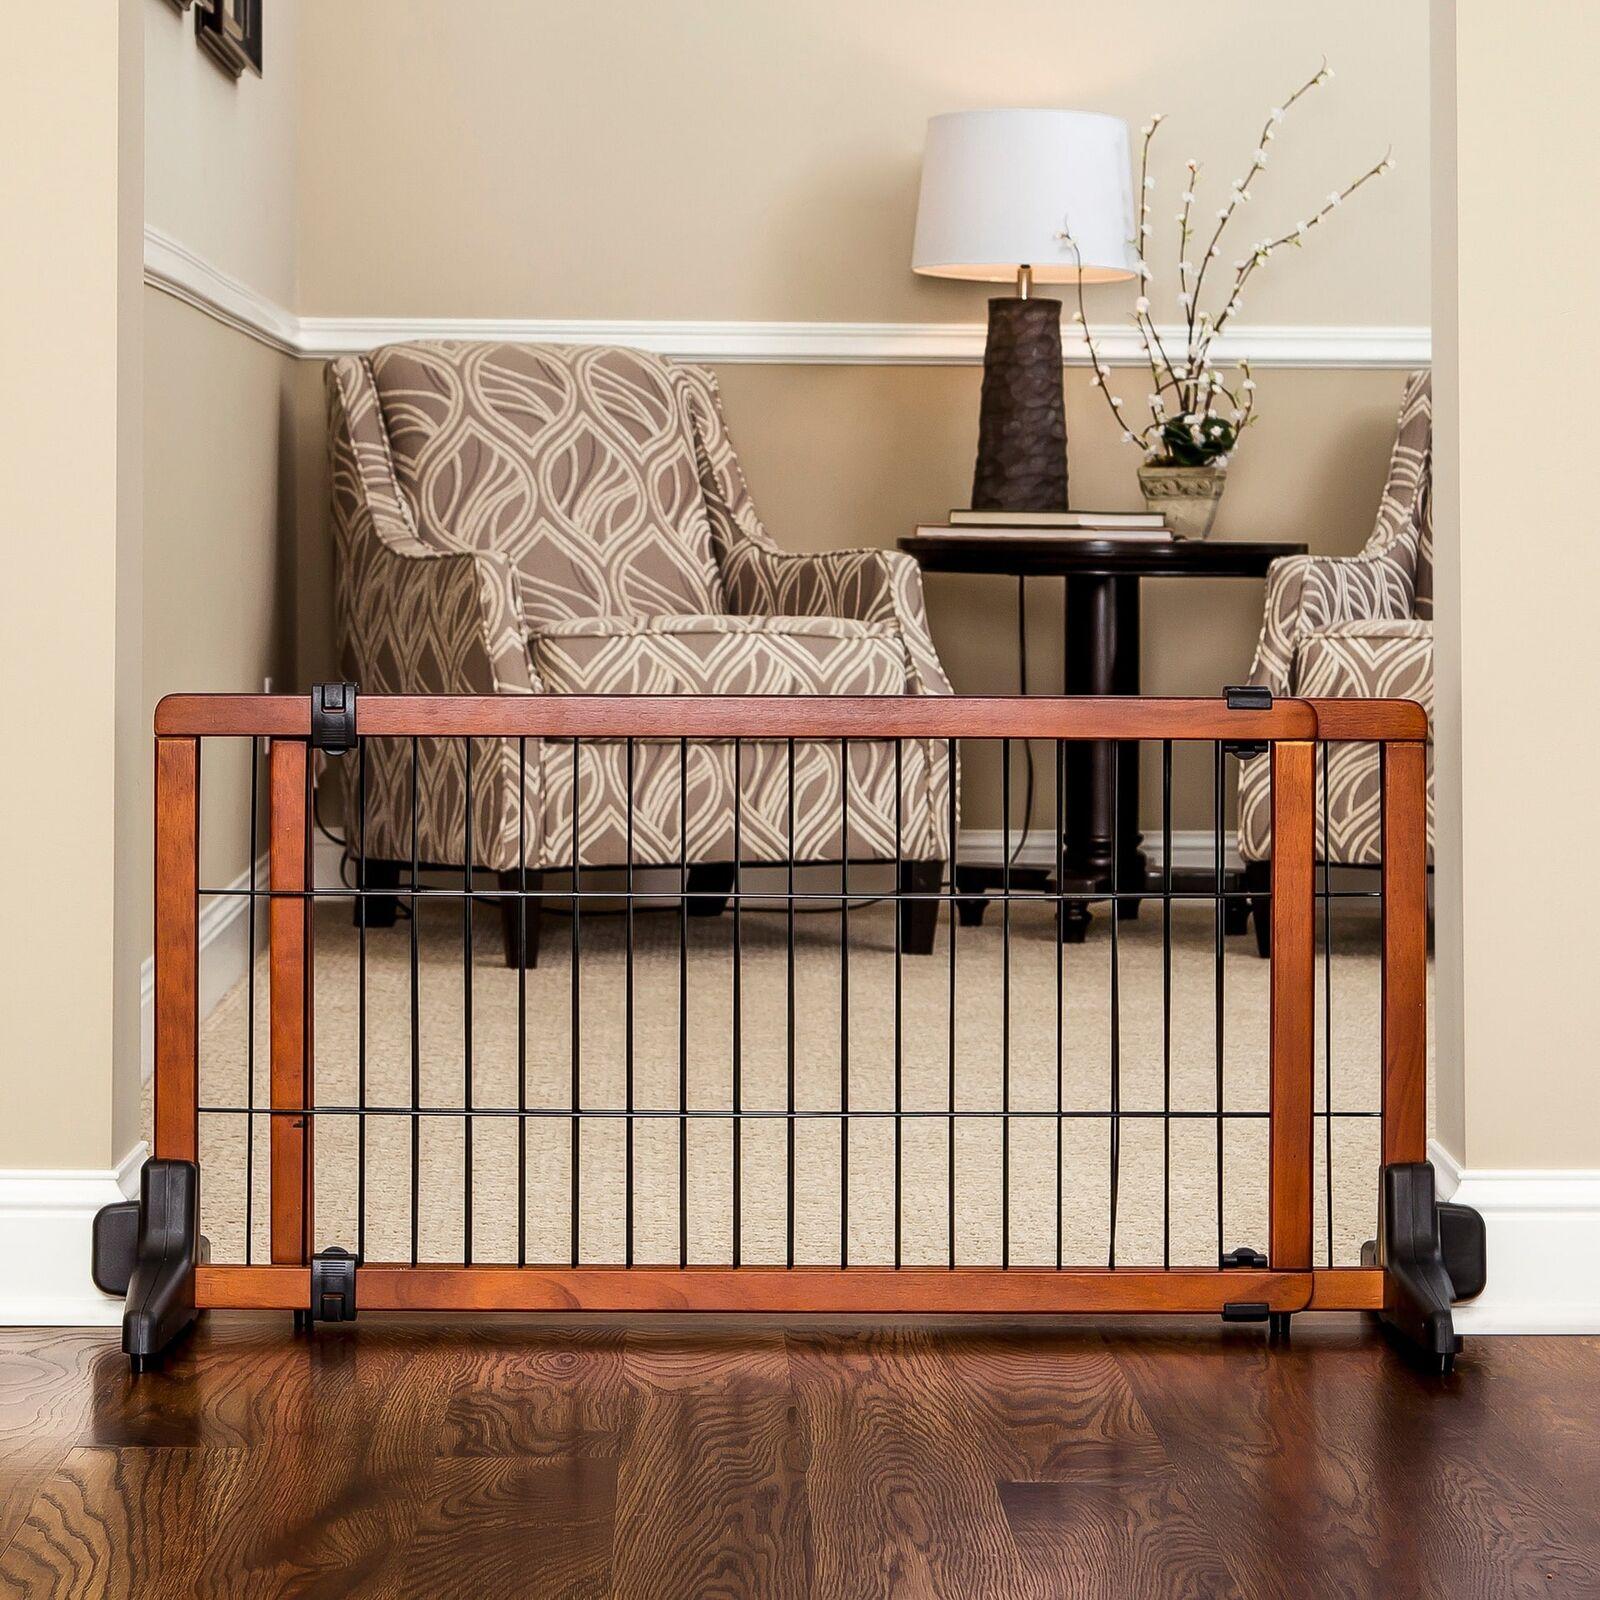 FreeStanding Wooden Pet Gate ~ Dog Safety Fence Indoor ~ Wood Barrier Step Over